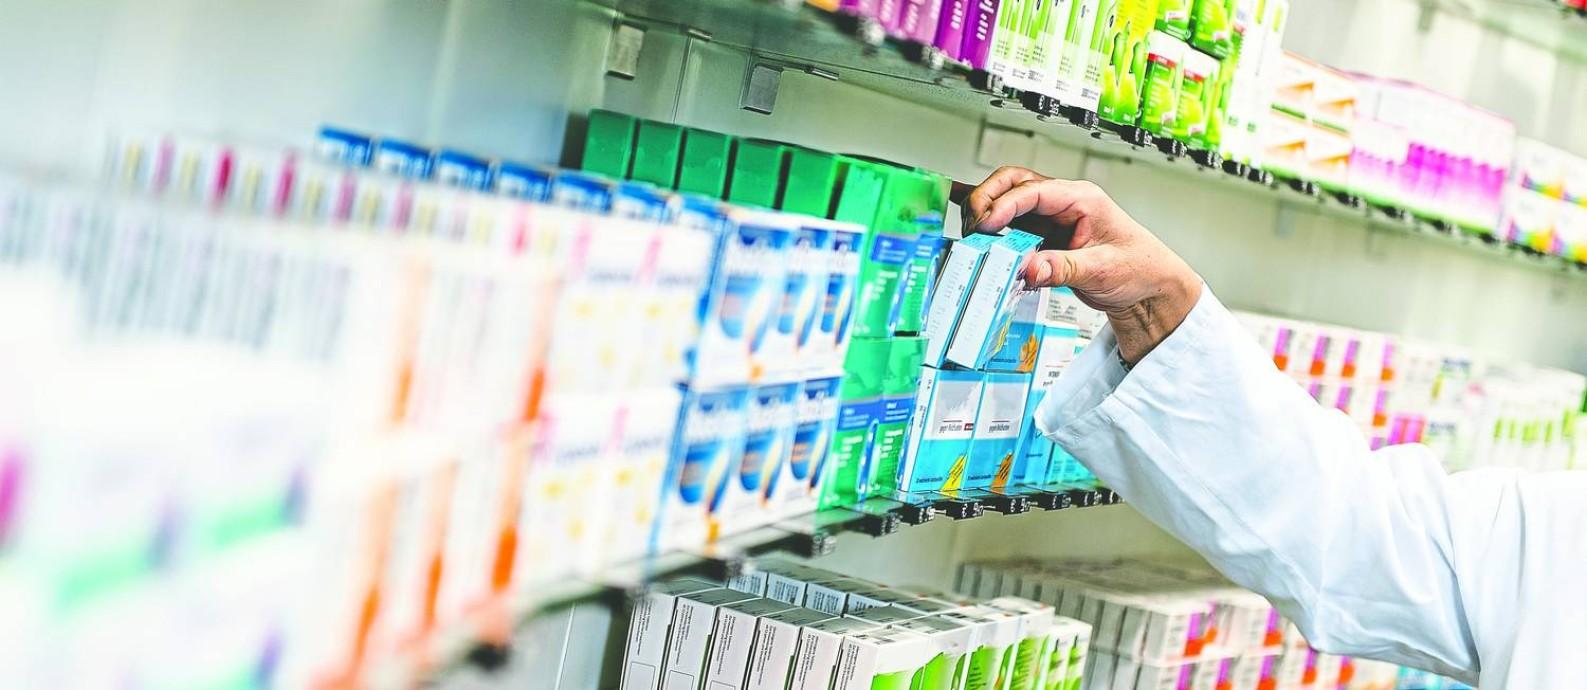 Uma das propostas é ampliação do acesso a medicamentos básicos Foto: Benjamin Nolte / noltemedia / benjaminnolte - stock.adobe.com